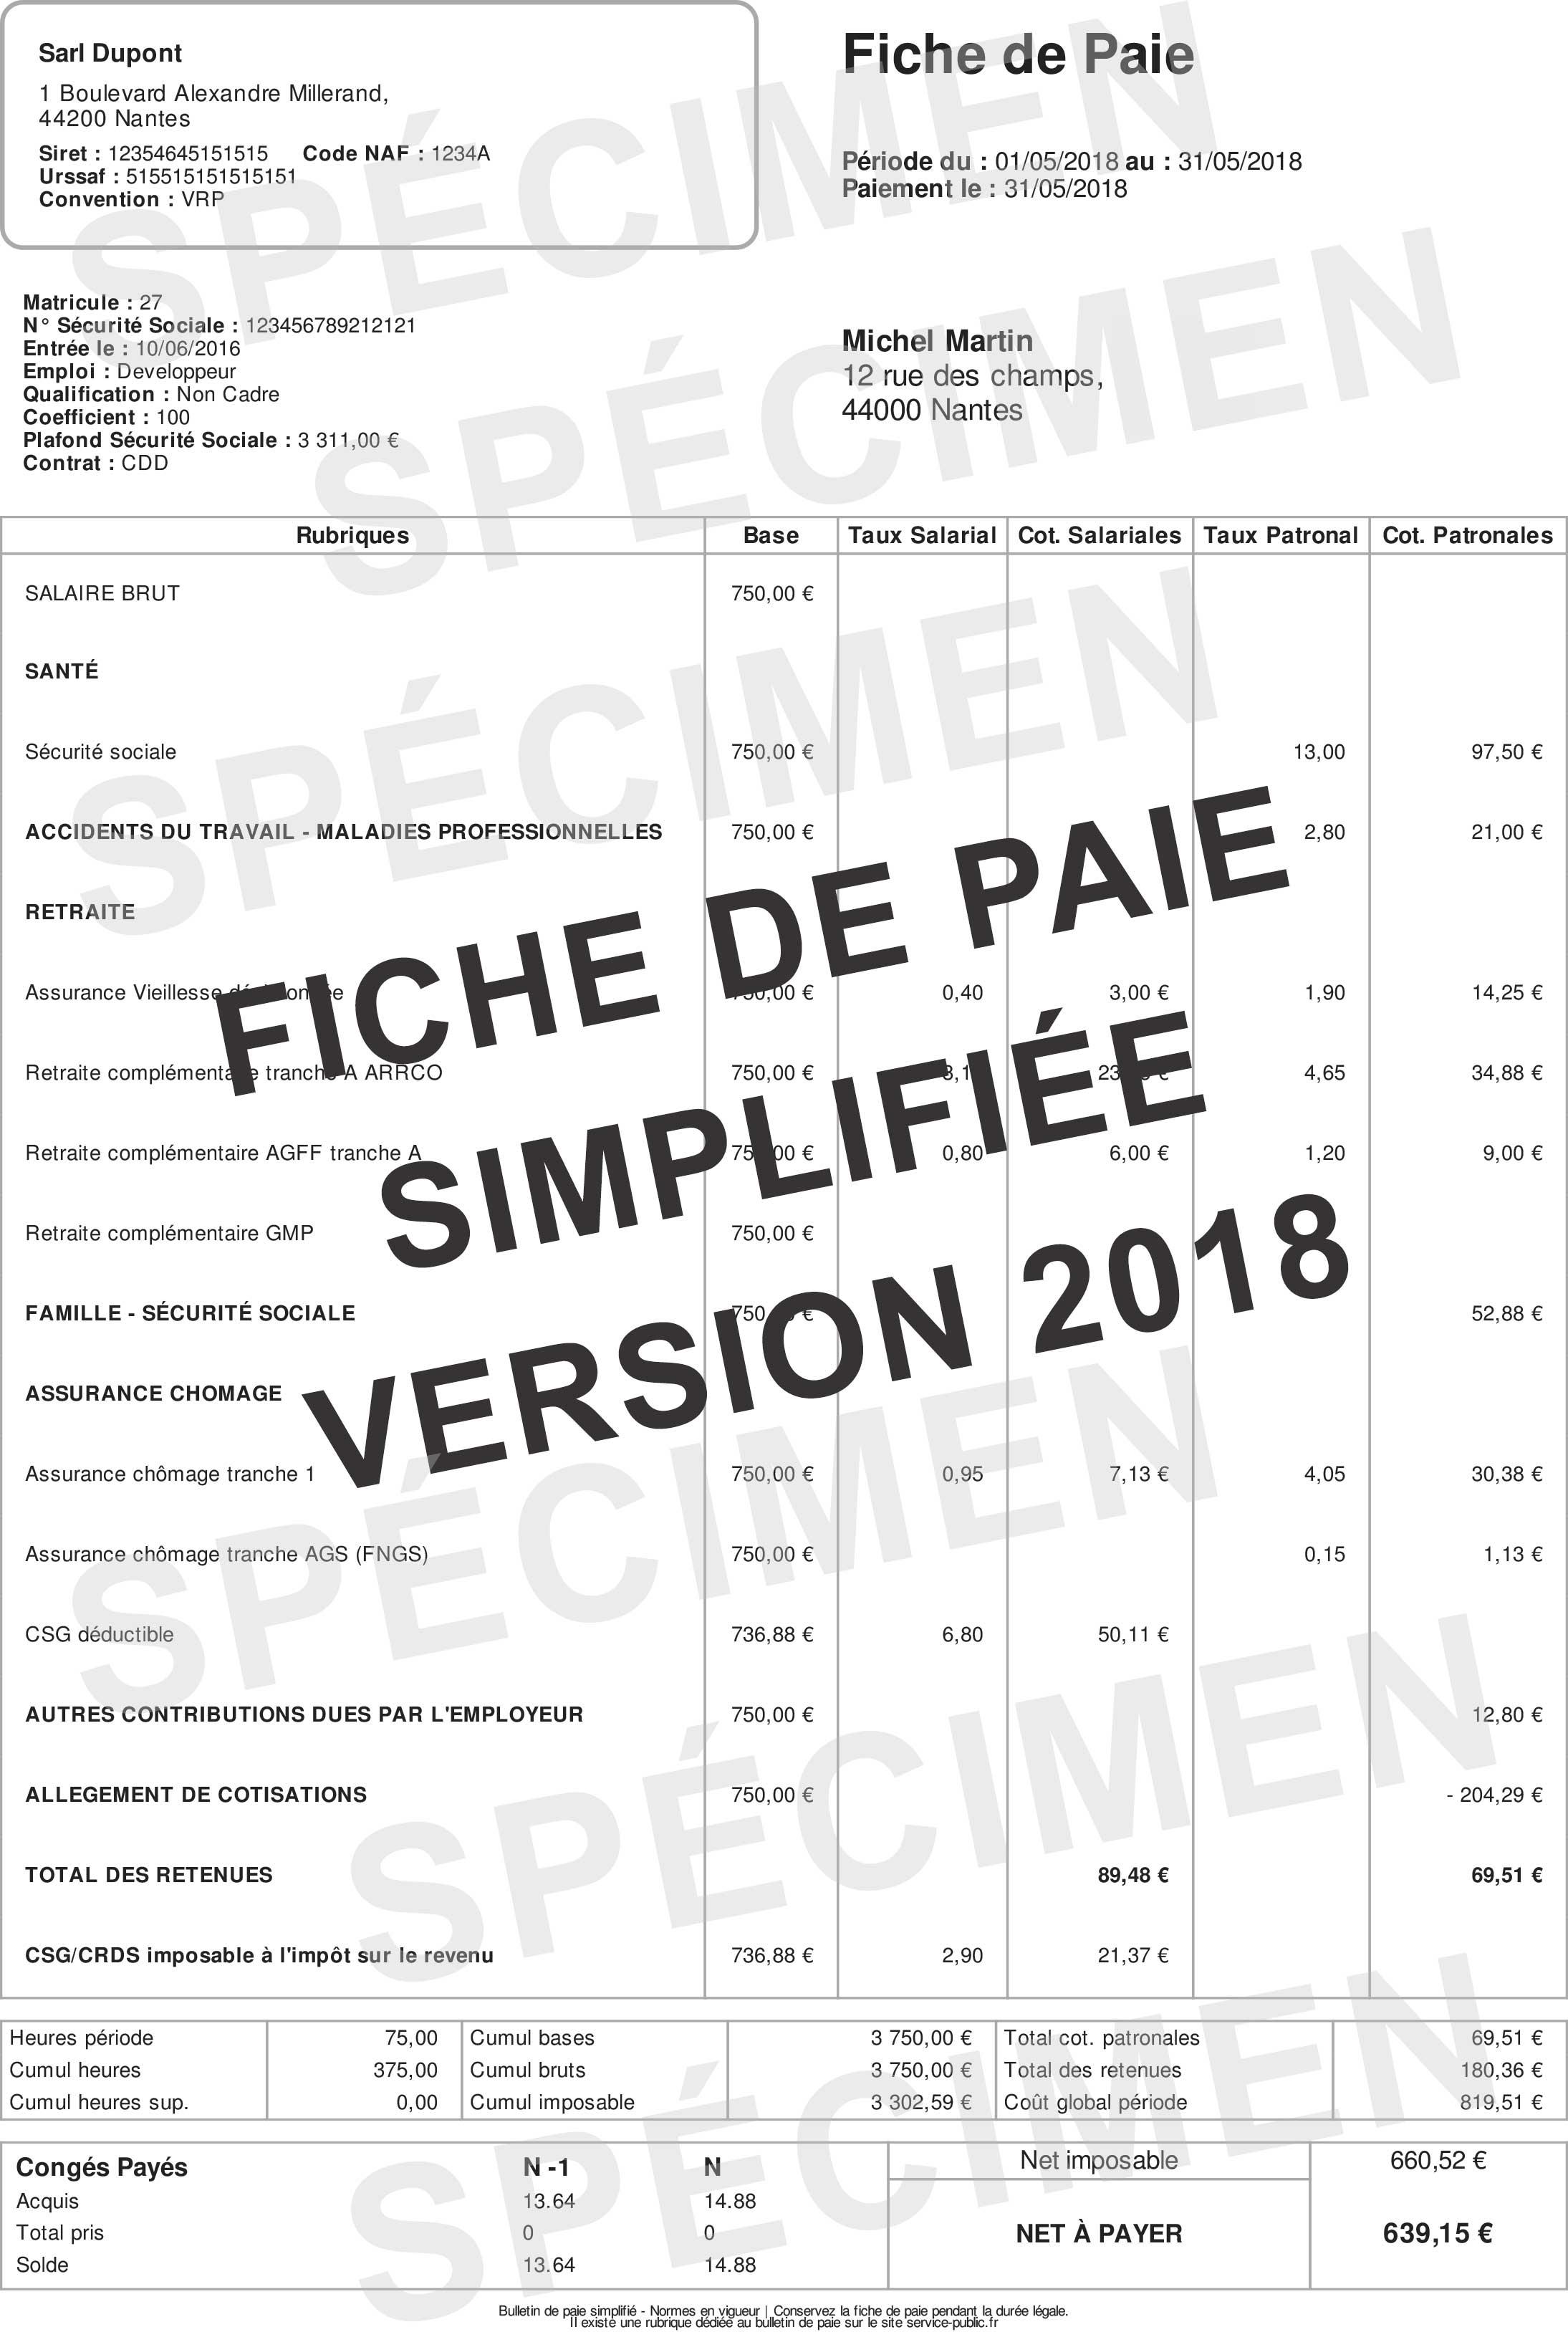 Fiche De Paie 2018 Le Bulletin De Paie Simplifie Fiche Paie Net